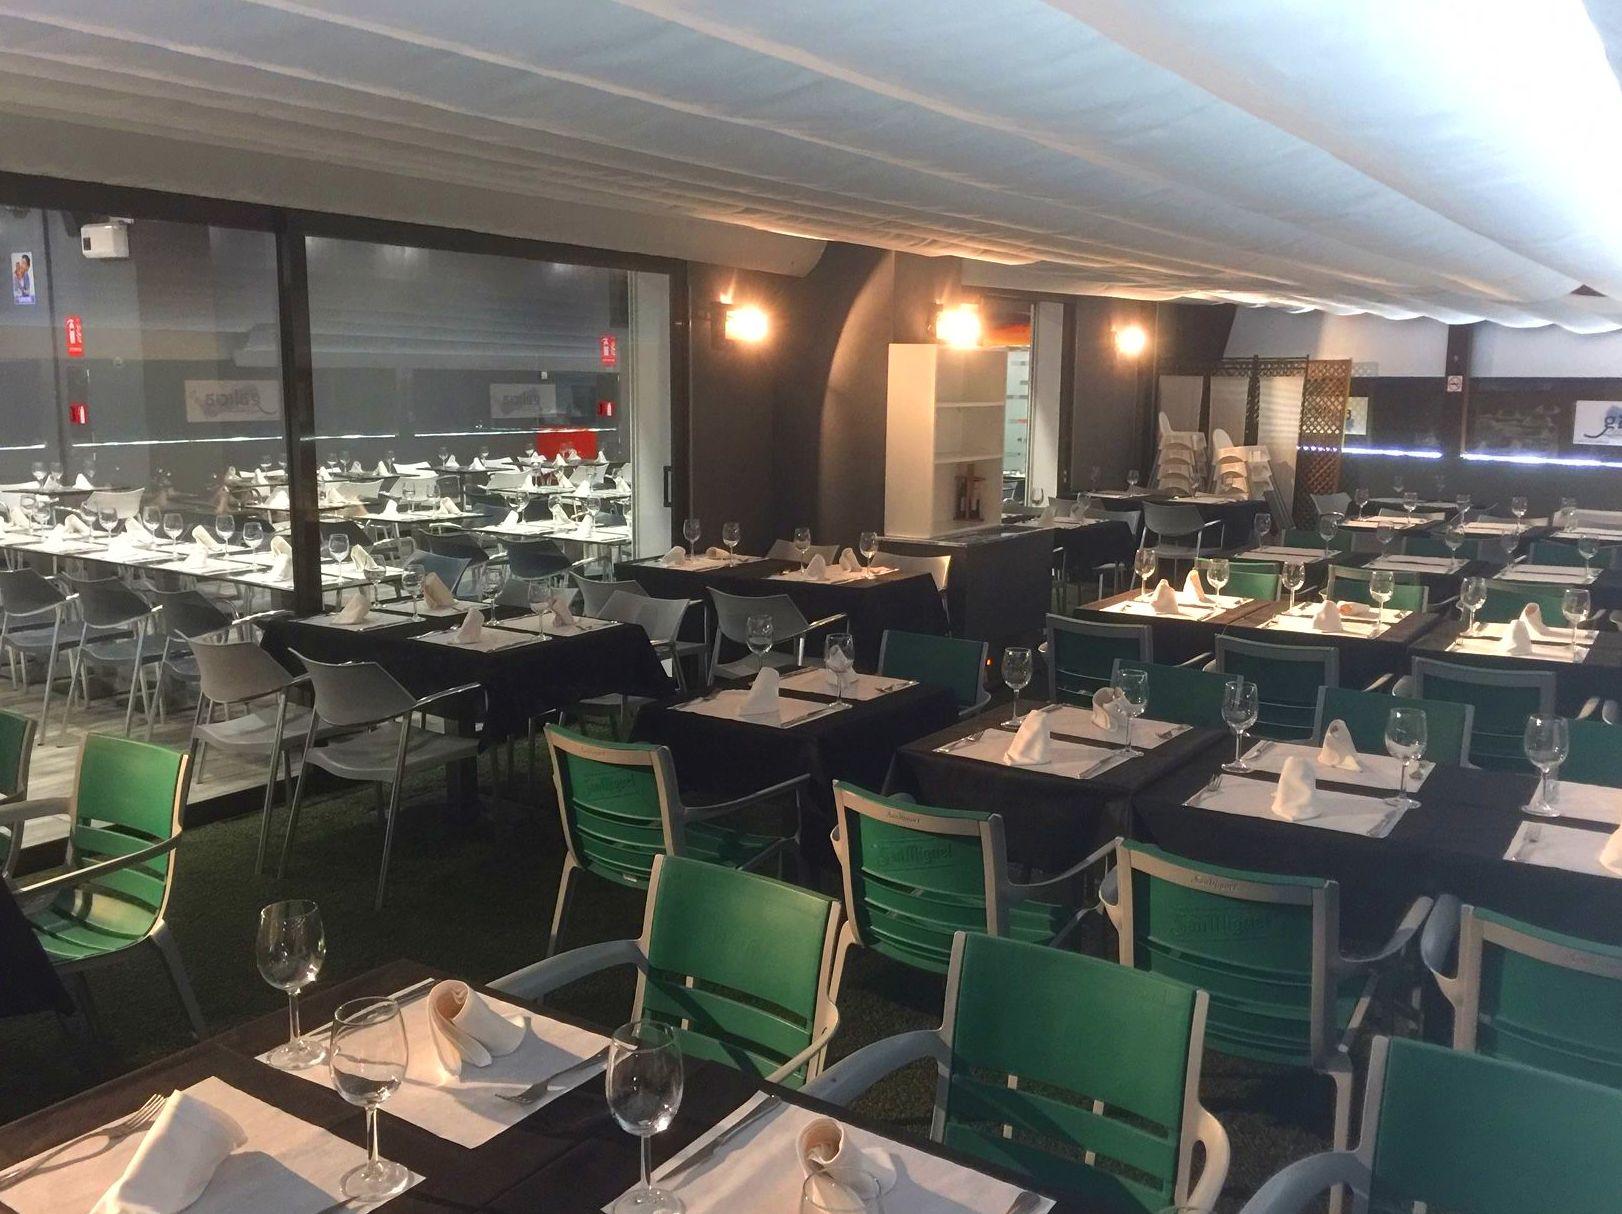 Foto 2 de Restaurante en Madrid   Restaurante Galicia Las Tablas